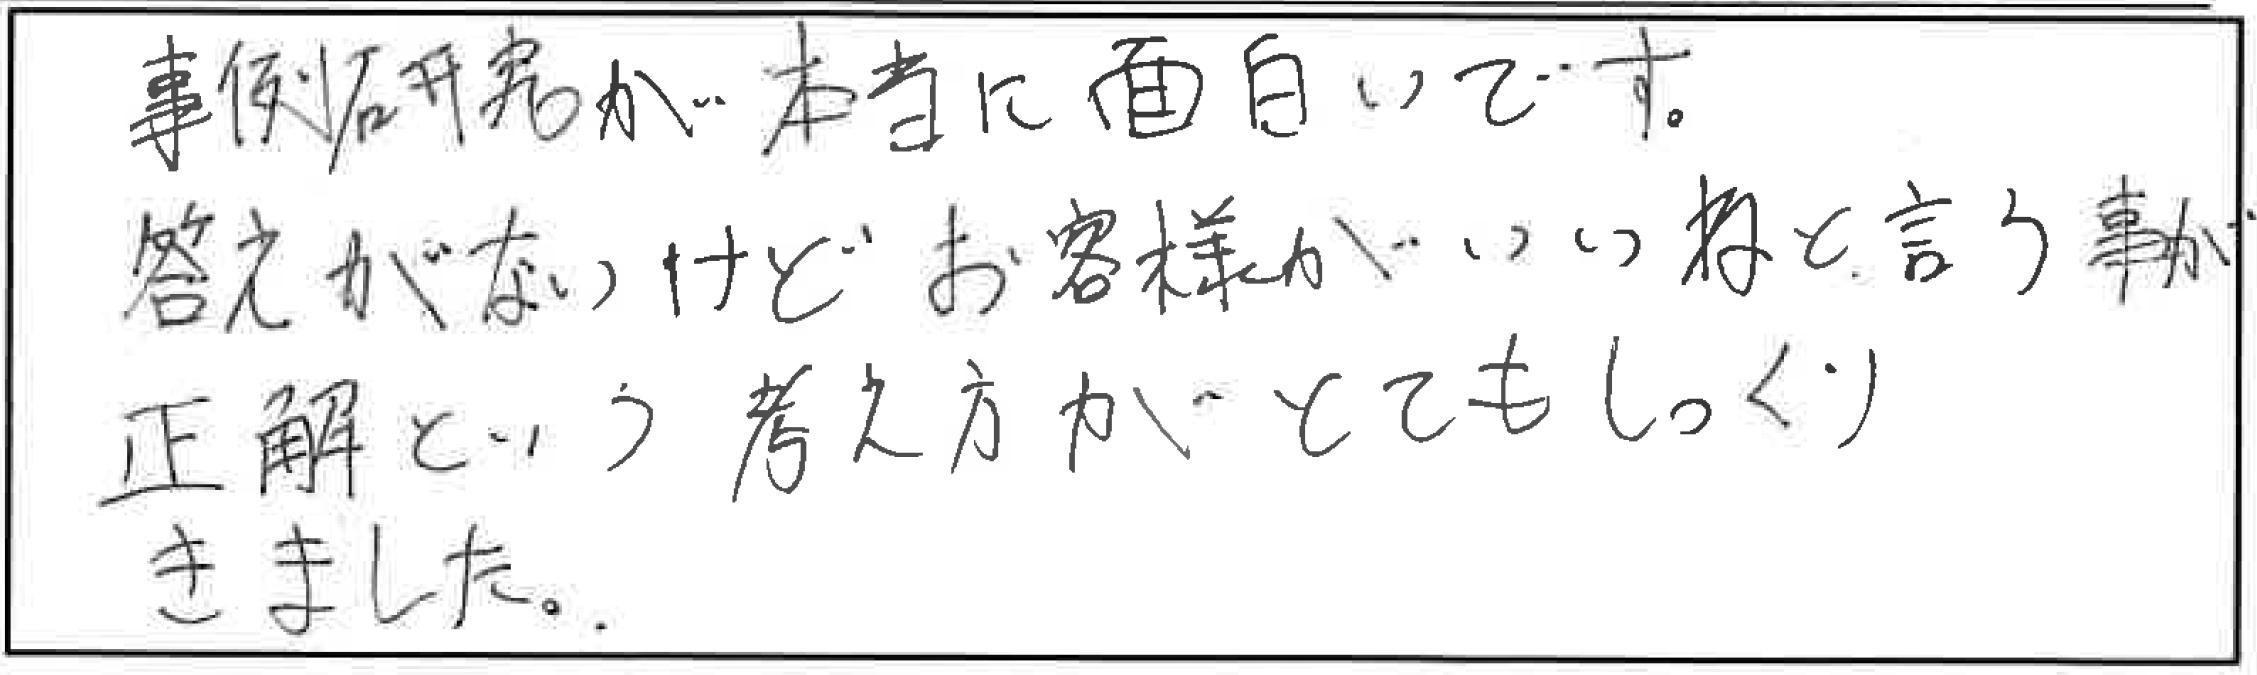 吉澤塾 半年コースの参加者の声画像291